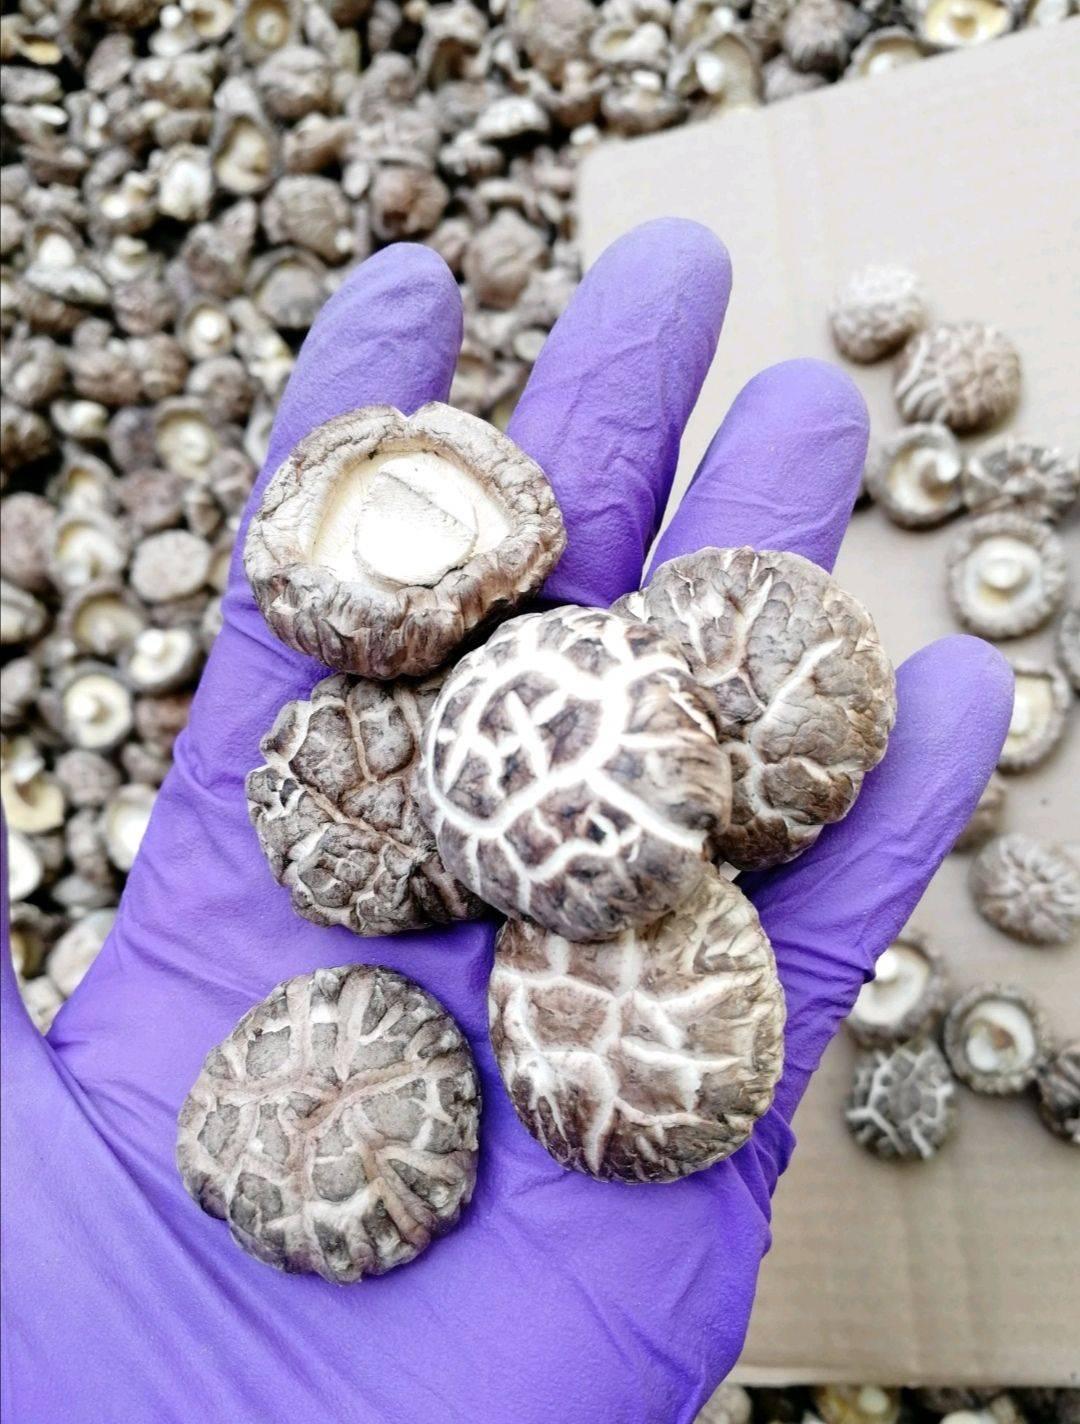 [花菇批发]精选肉厚花菇 剪脚 一手货源花菇干货 基地直销品质保证价格22.5元/斤